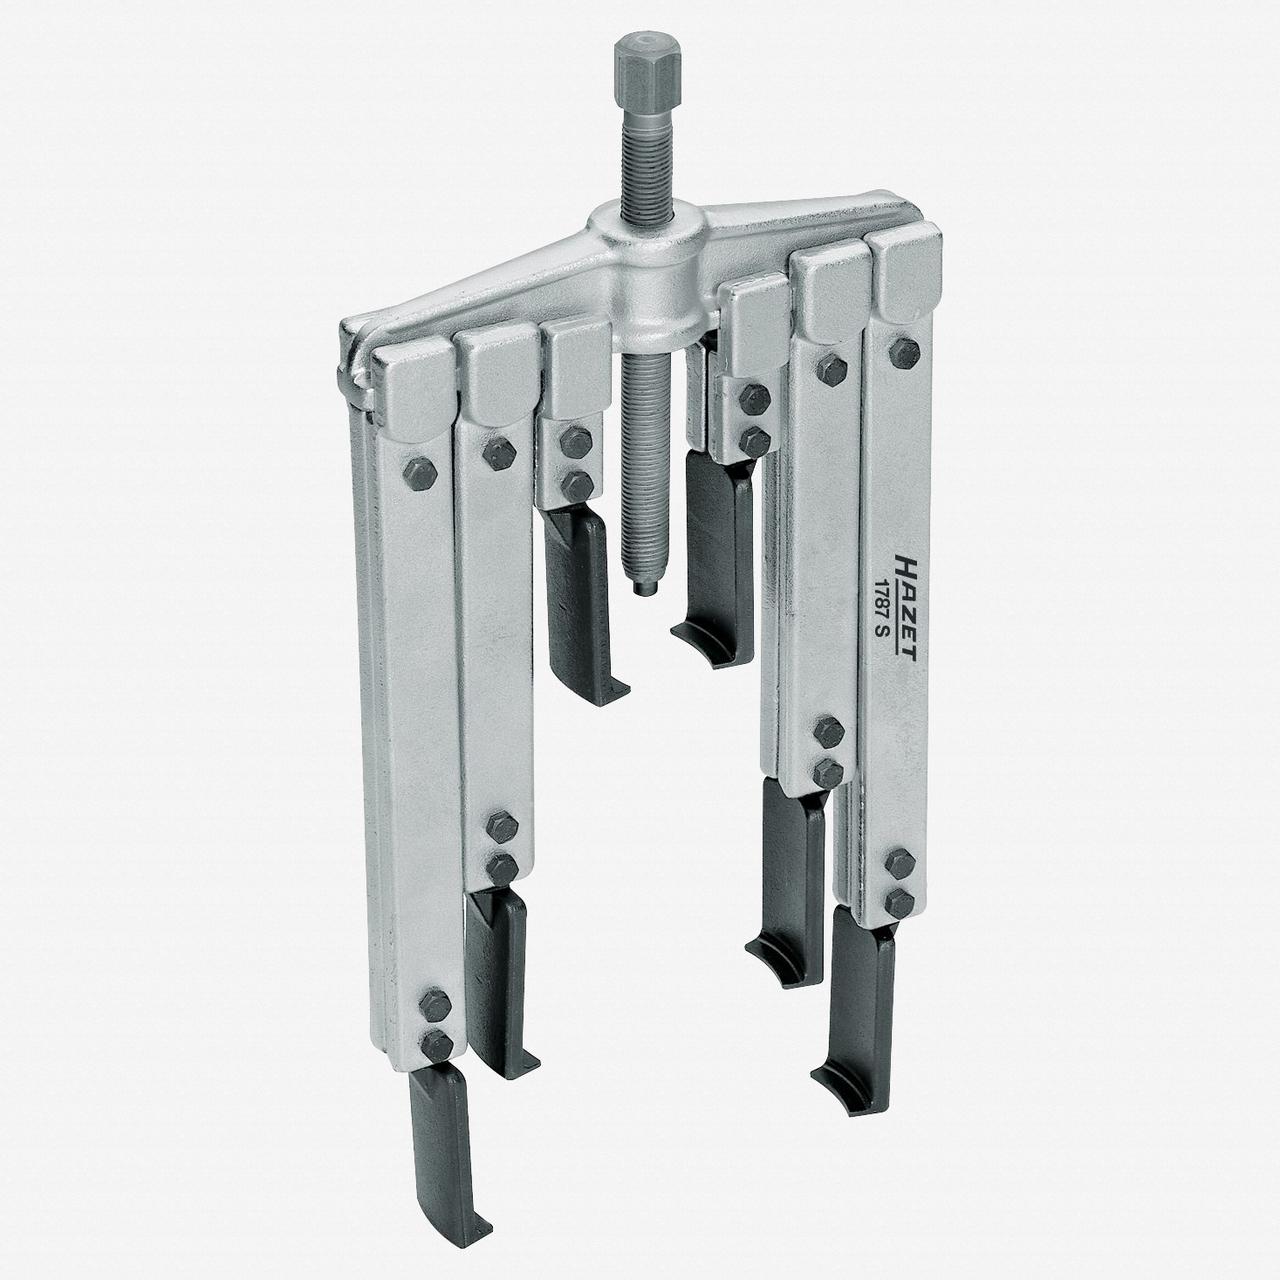 Hazet 1787S-2 Puller set, 2-arm  - KC Tool